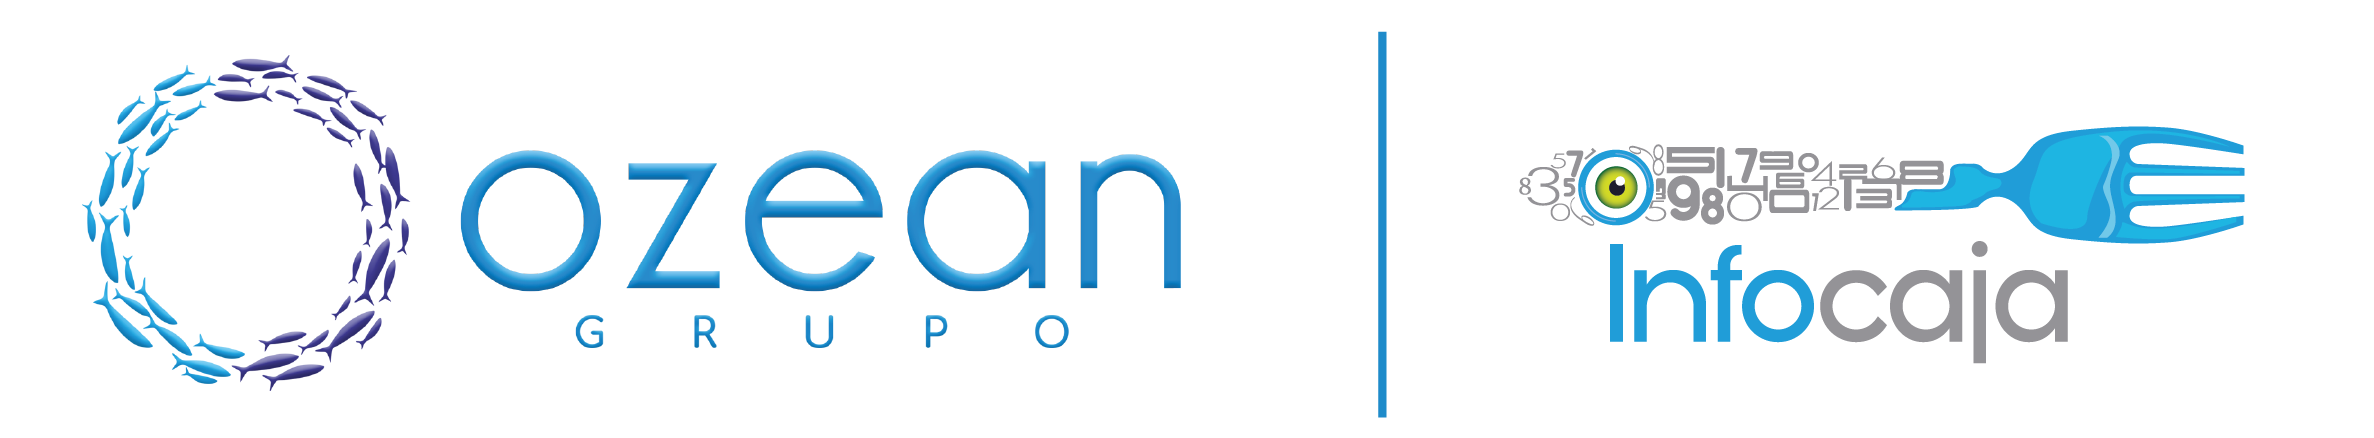 Infocaja Ozean Logo